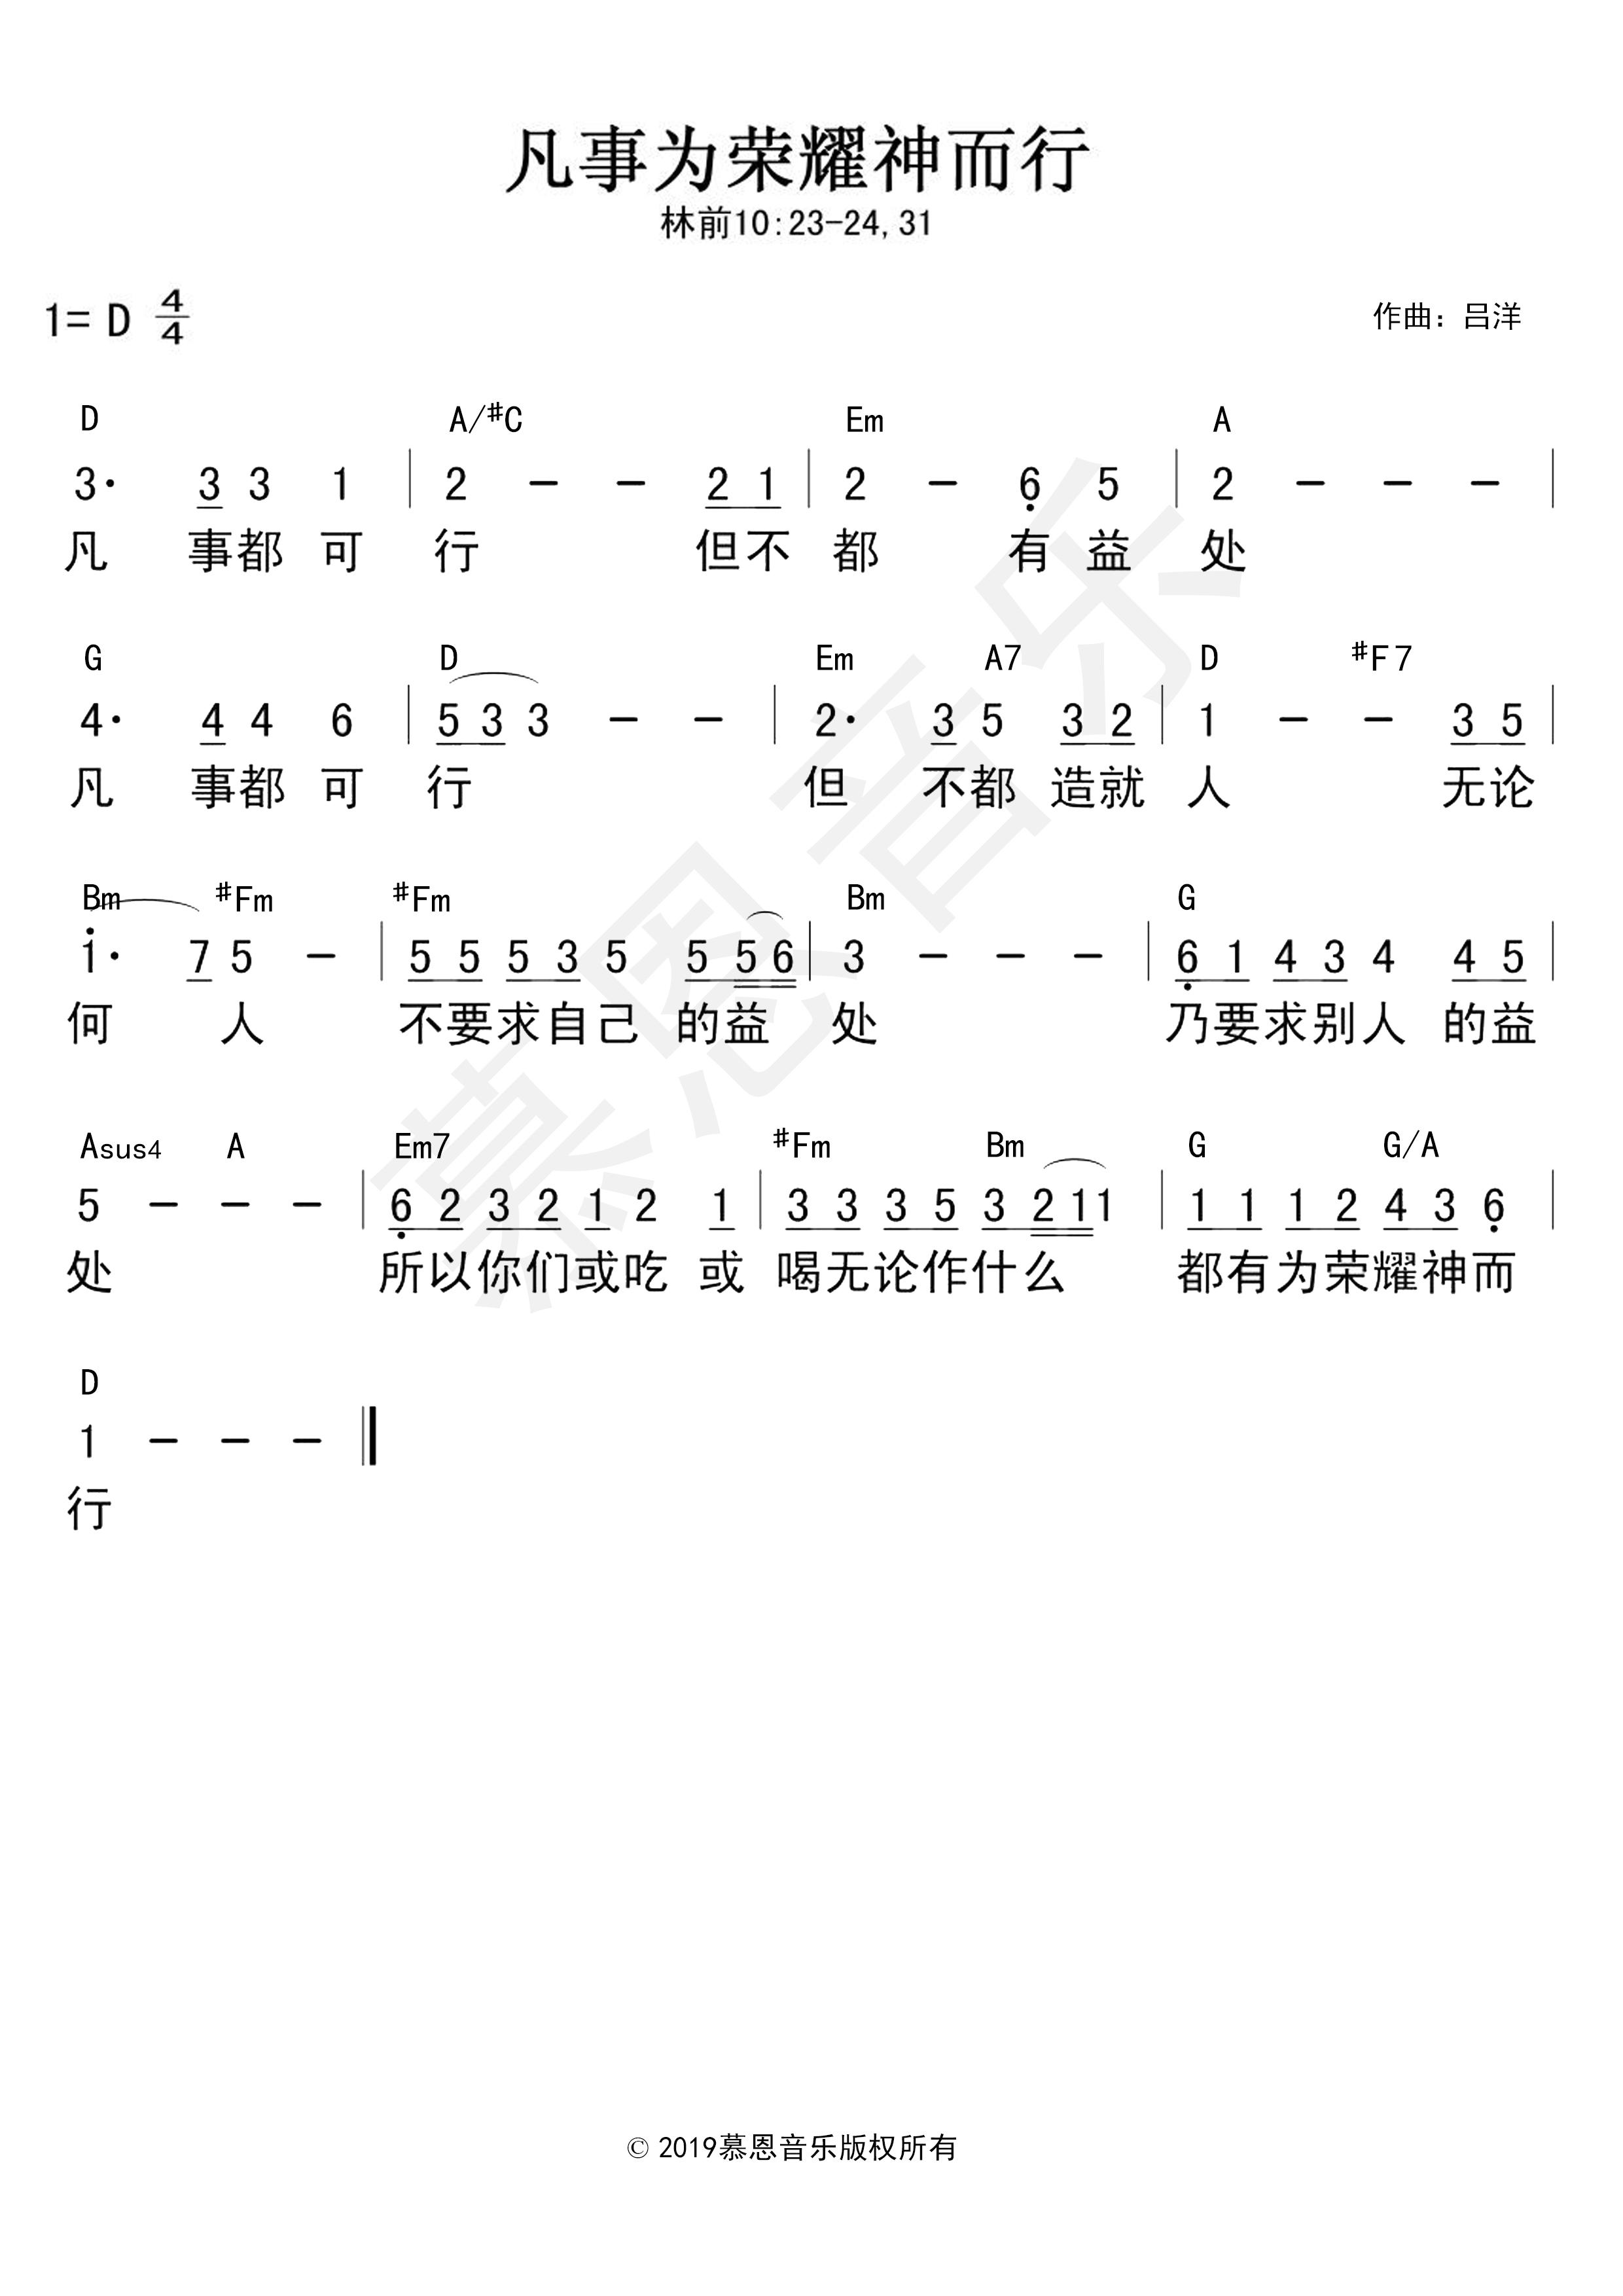 《第81首 凡事为荣耀神而行 官方和弦简谱》